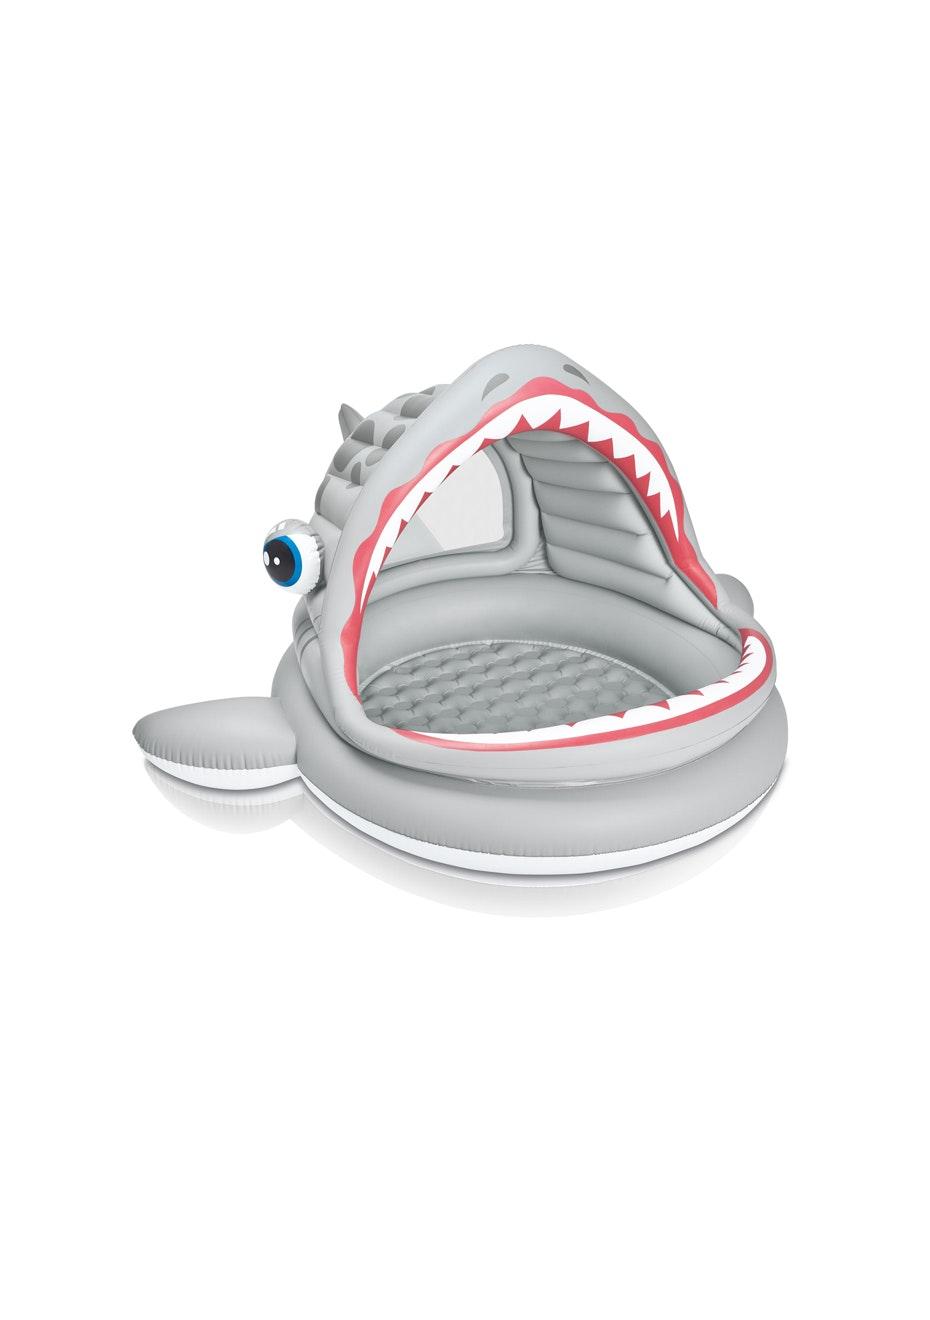 Intex - Roarin Shark Shade Pool